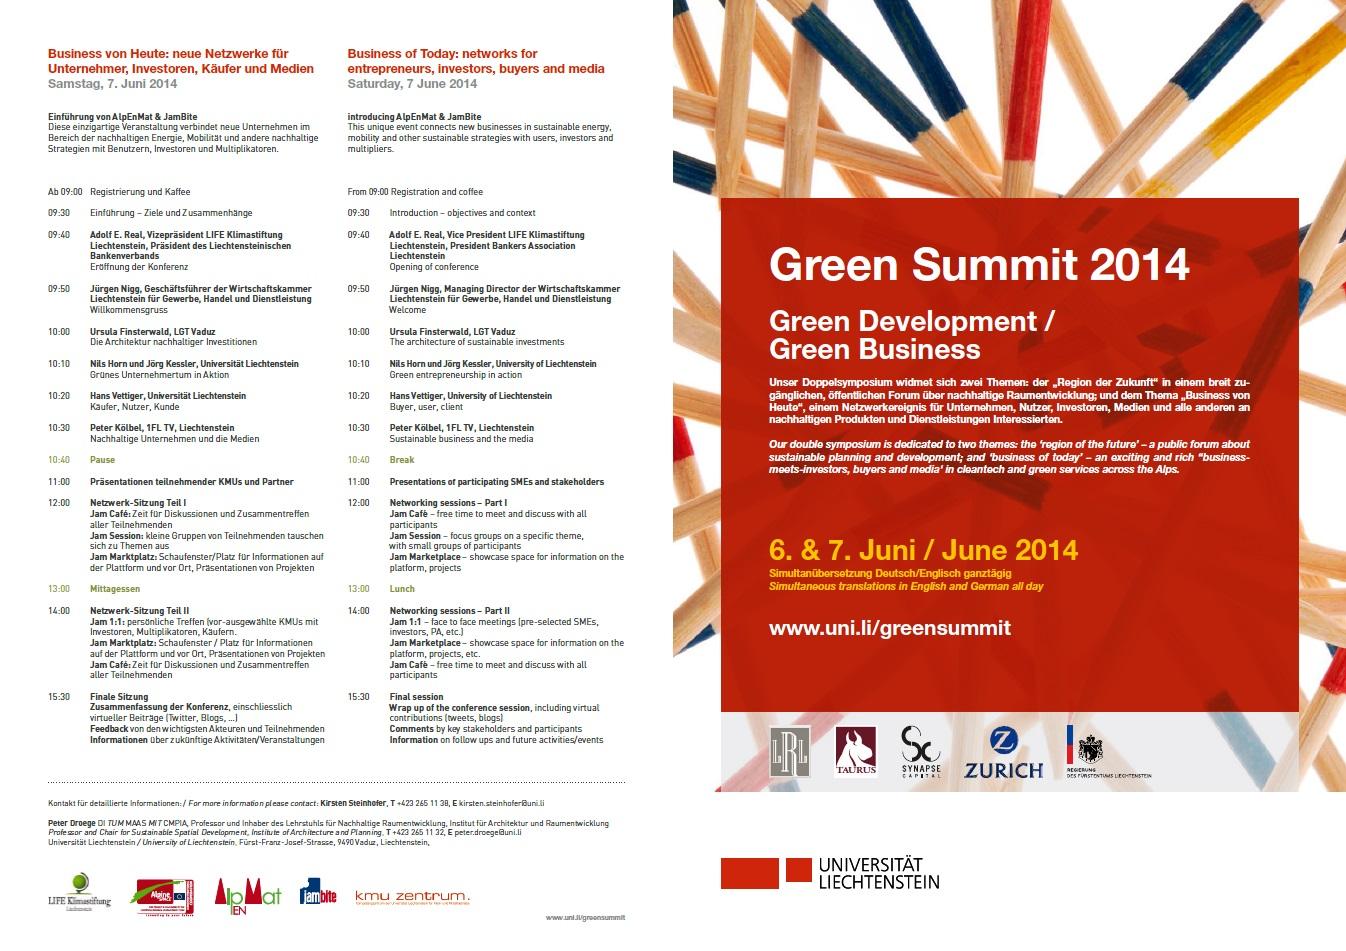 Green Summit 2014